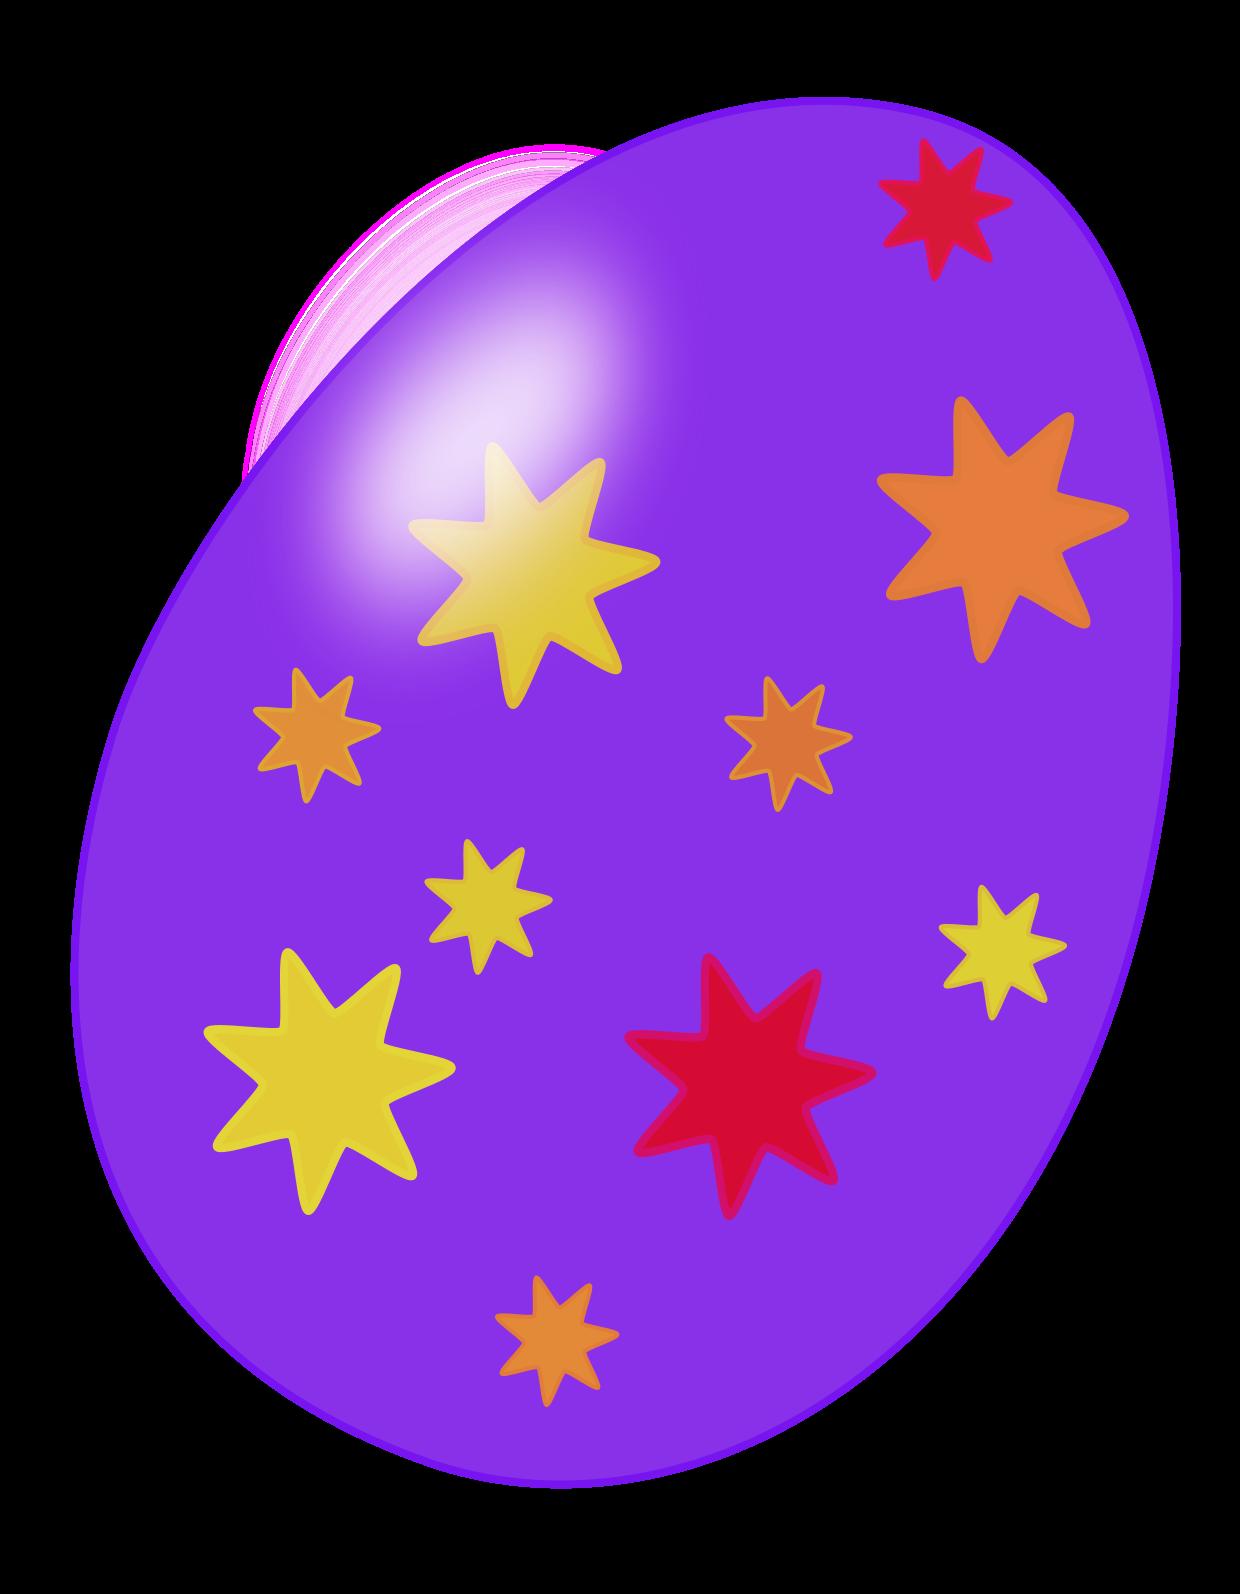 EASTER EGG CLIP ART EASTER CLIPART Easter eggs